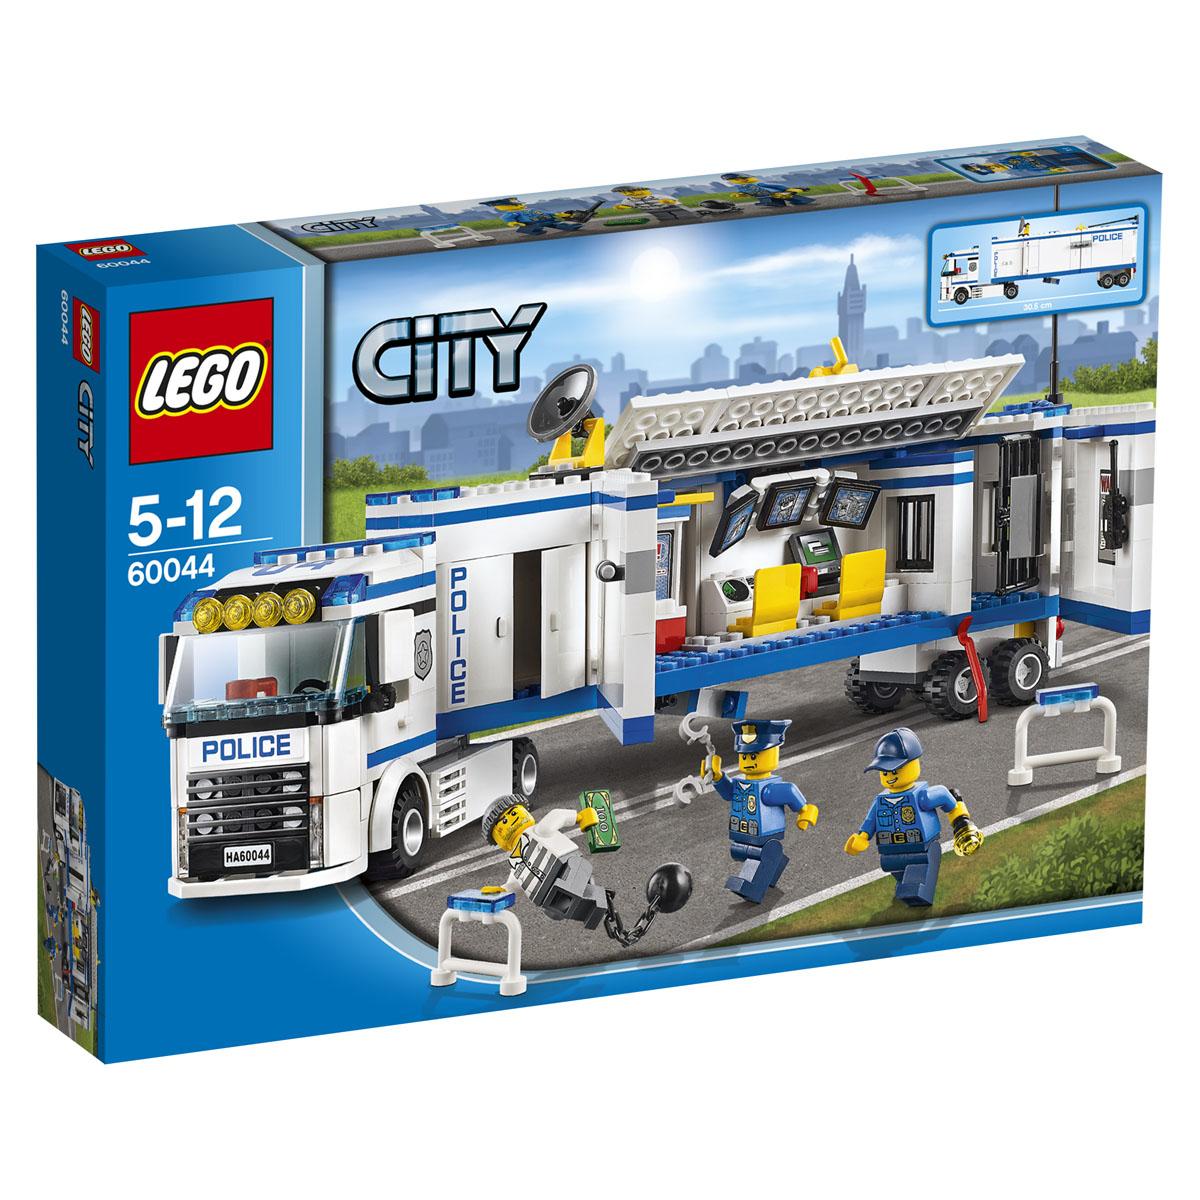 LEGO City Конструктор Выездной отряд полиции 60044